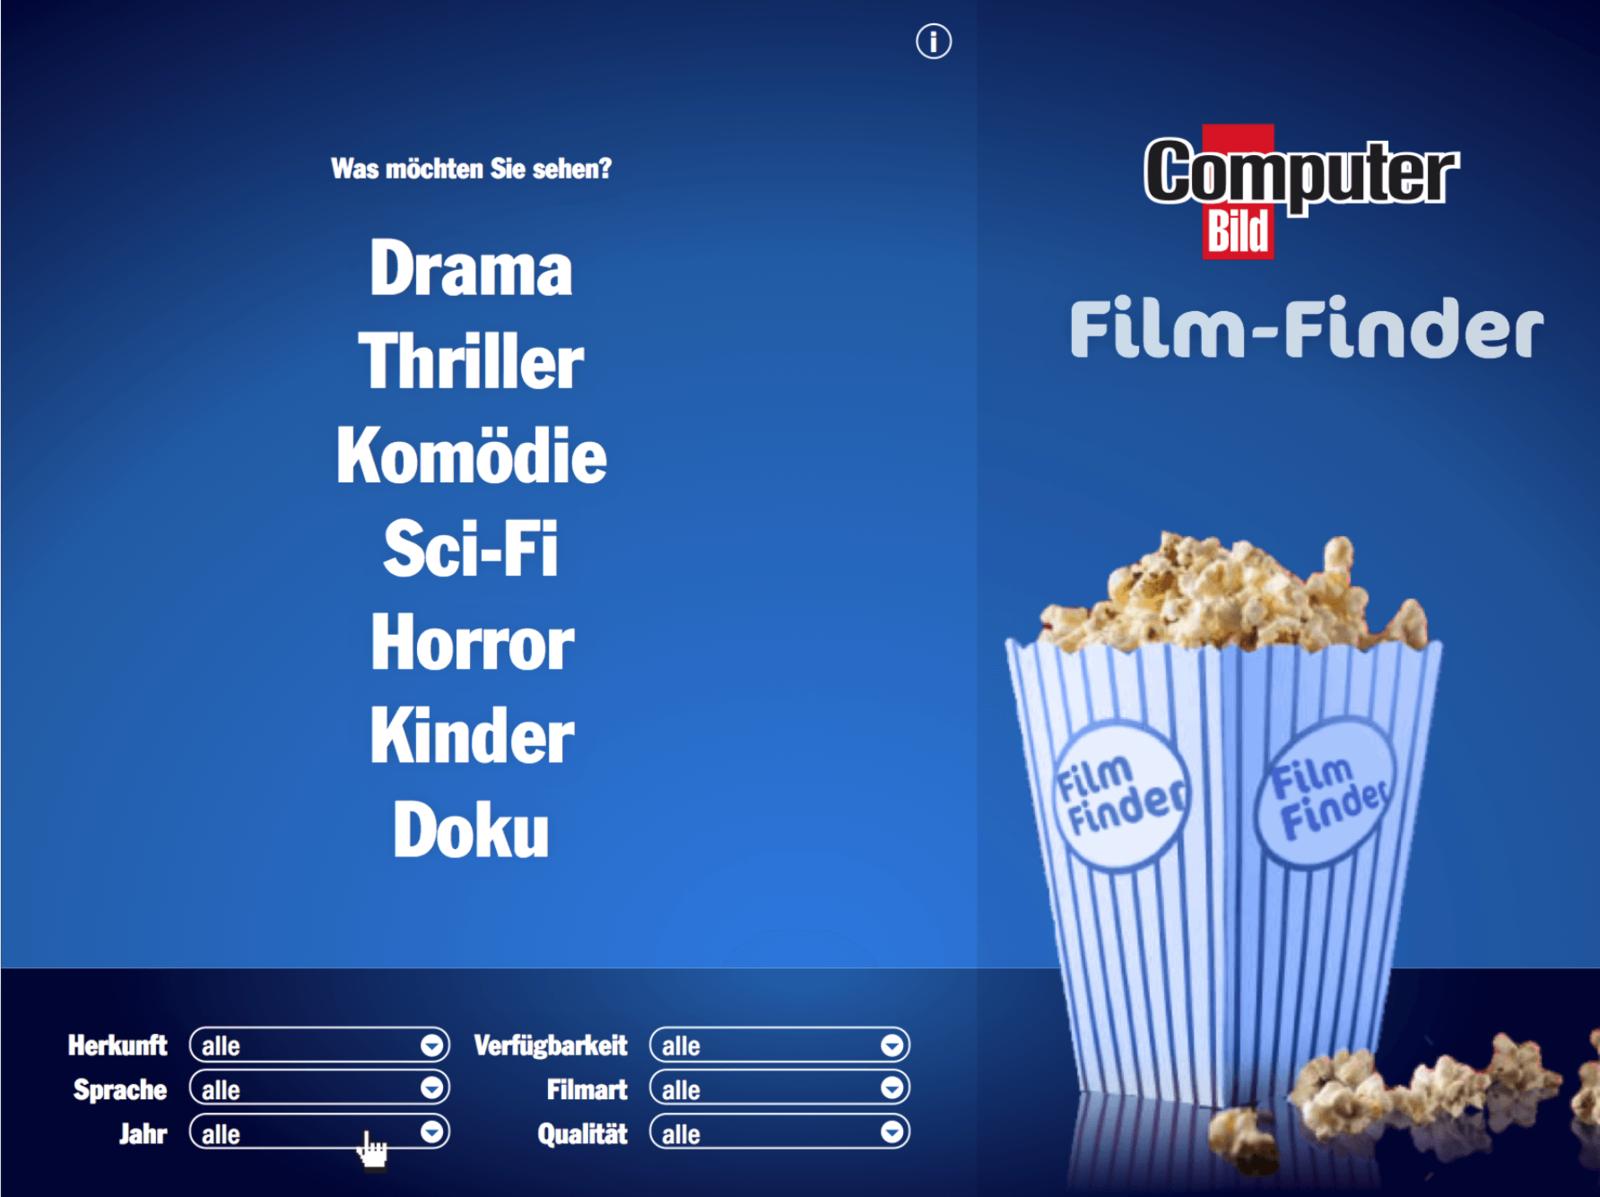 GUI für ComputerBILD Film-Finder